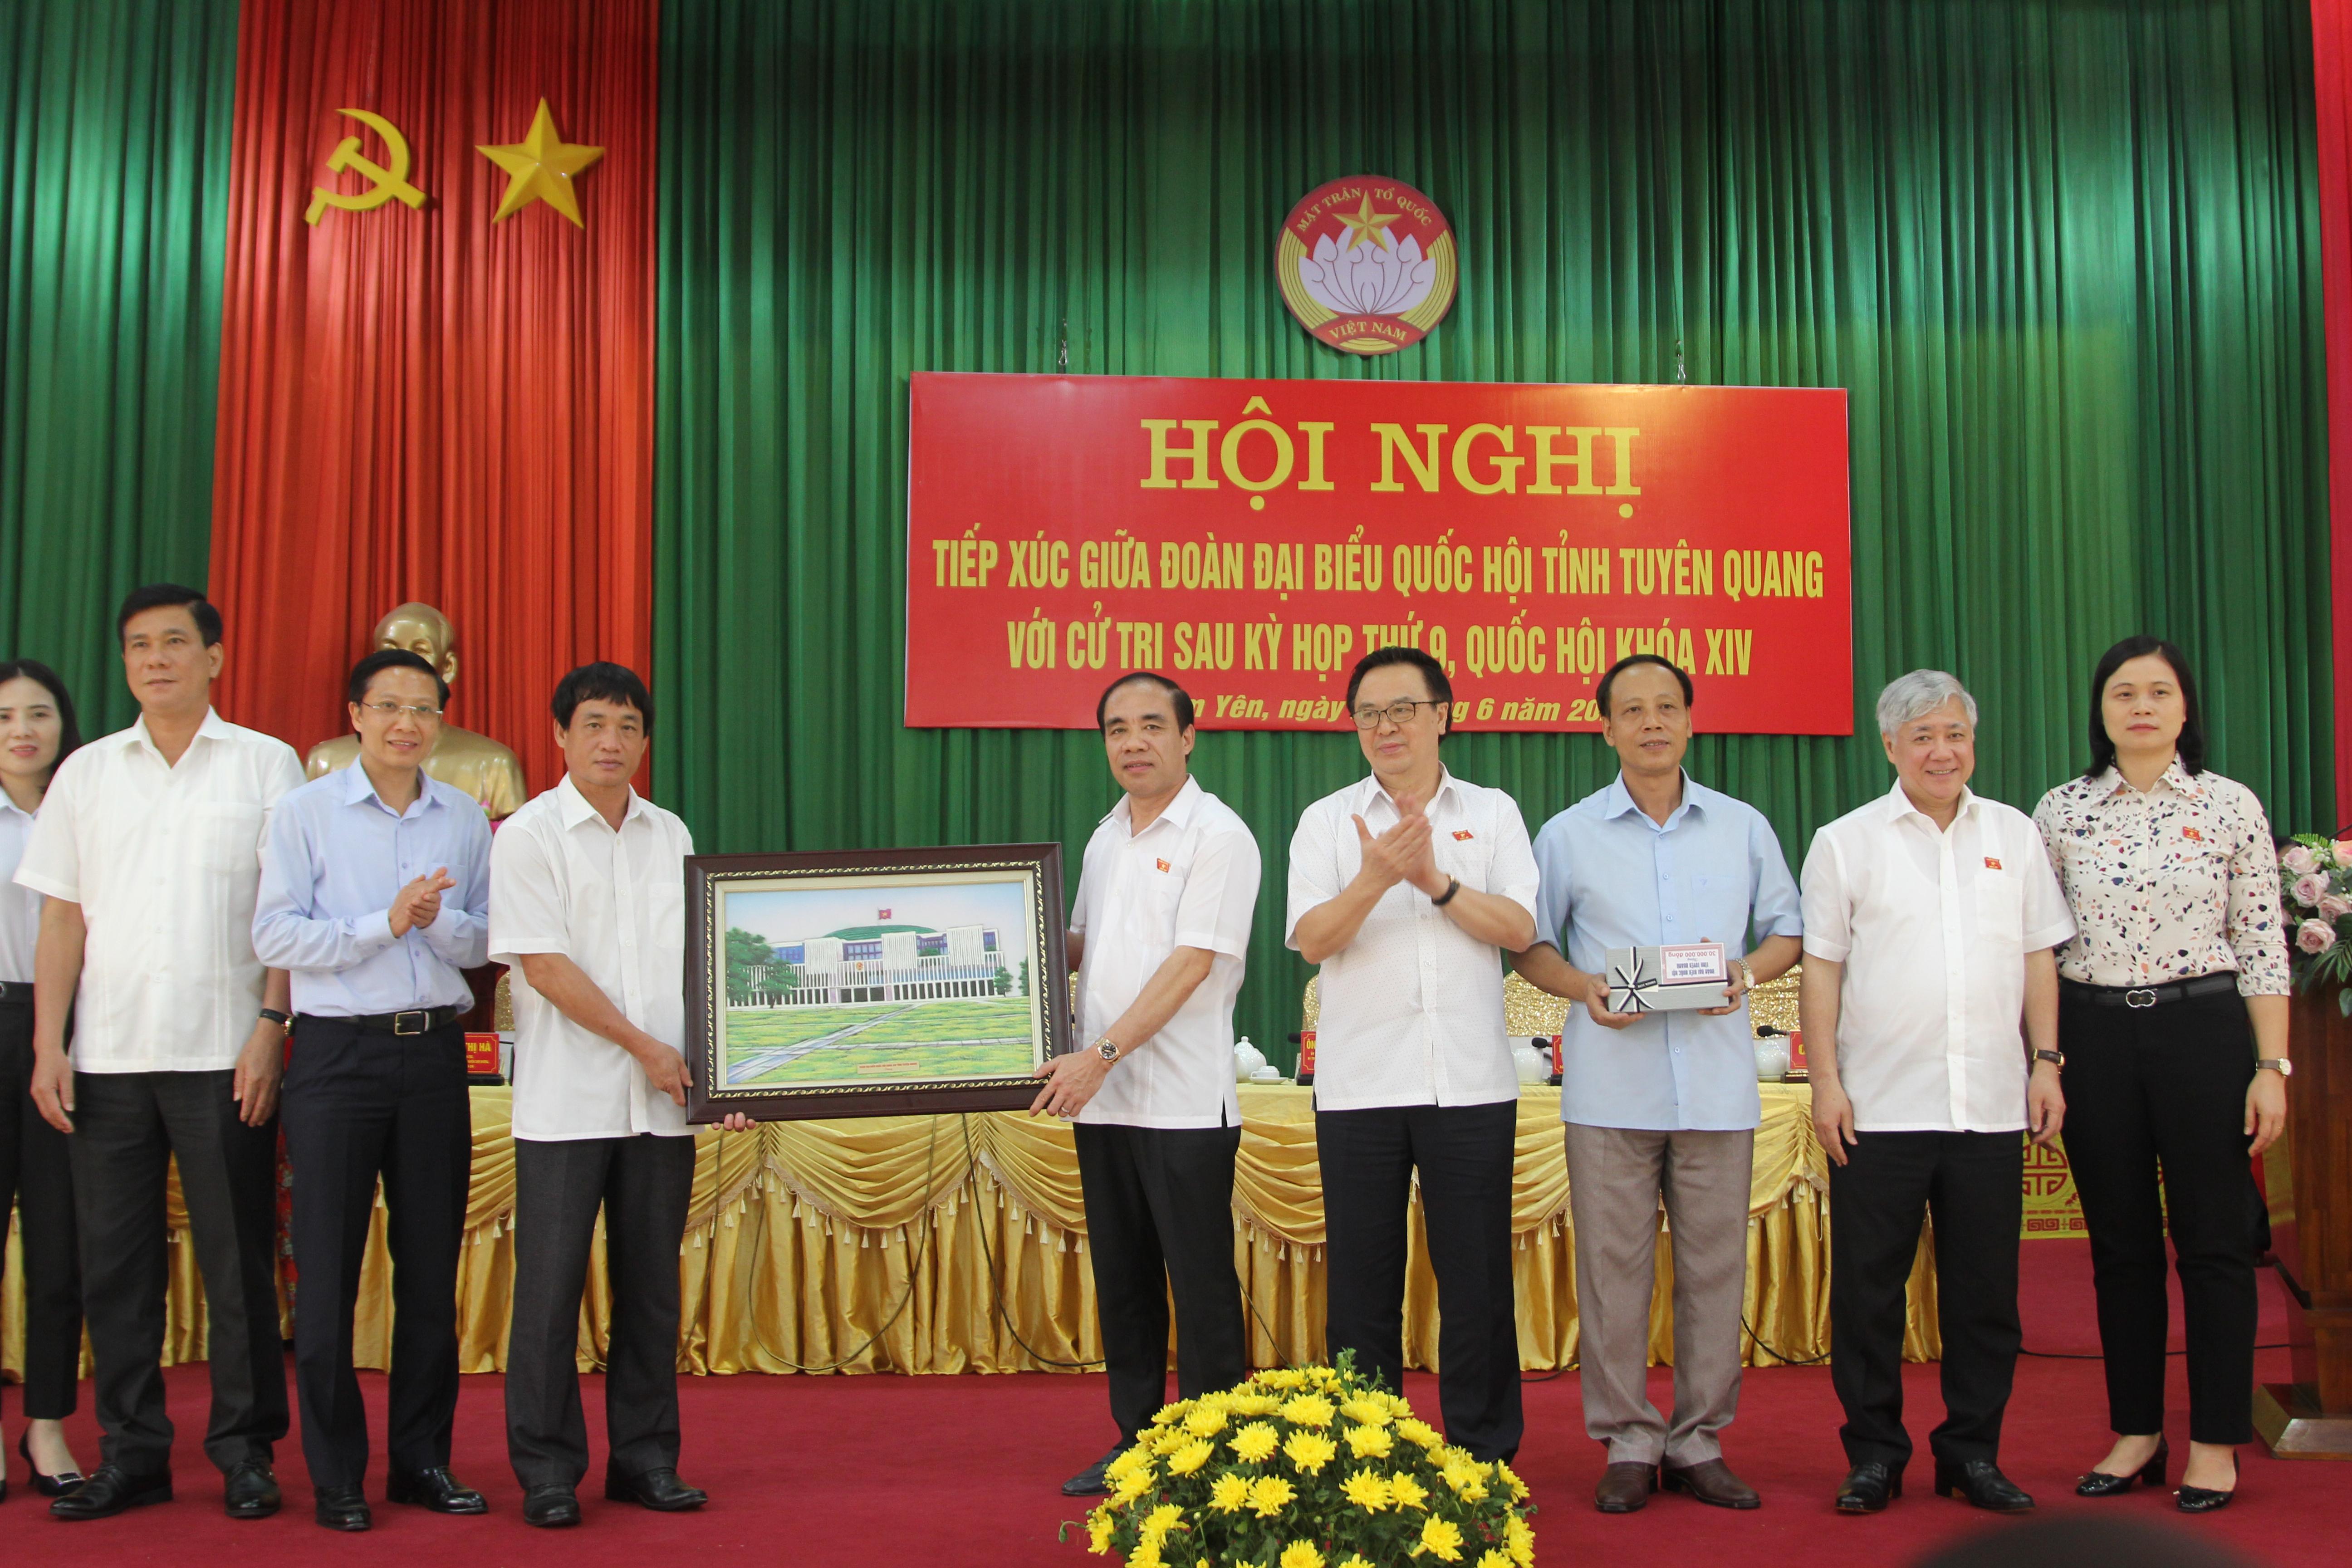 Đoàn ĐBQH tỉnh Tuyên Quang tặng quà cho Quỹ Khuyến học huyện Hàm Yên